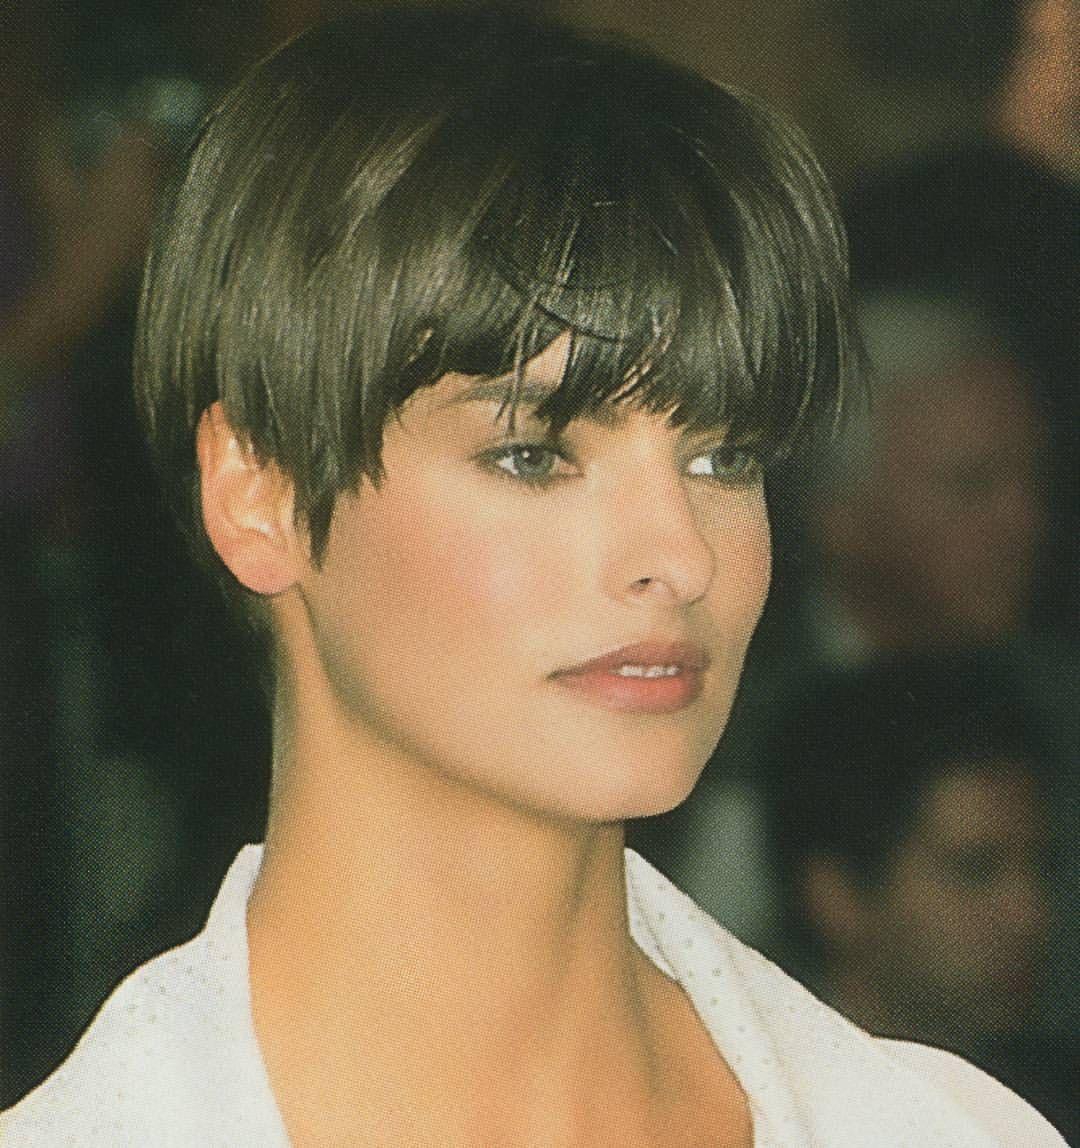 Linda Evangelista Runway Show 1989 90 Short Hair Styles Hairstyle Long Hair Styles